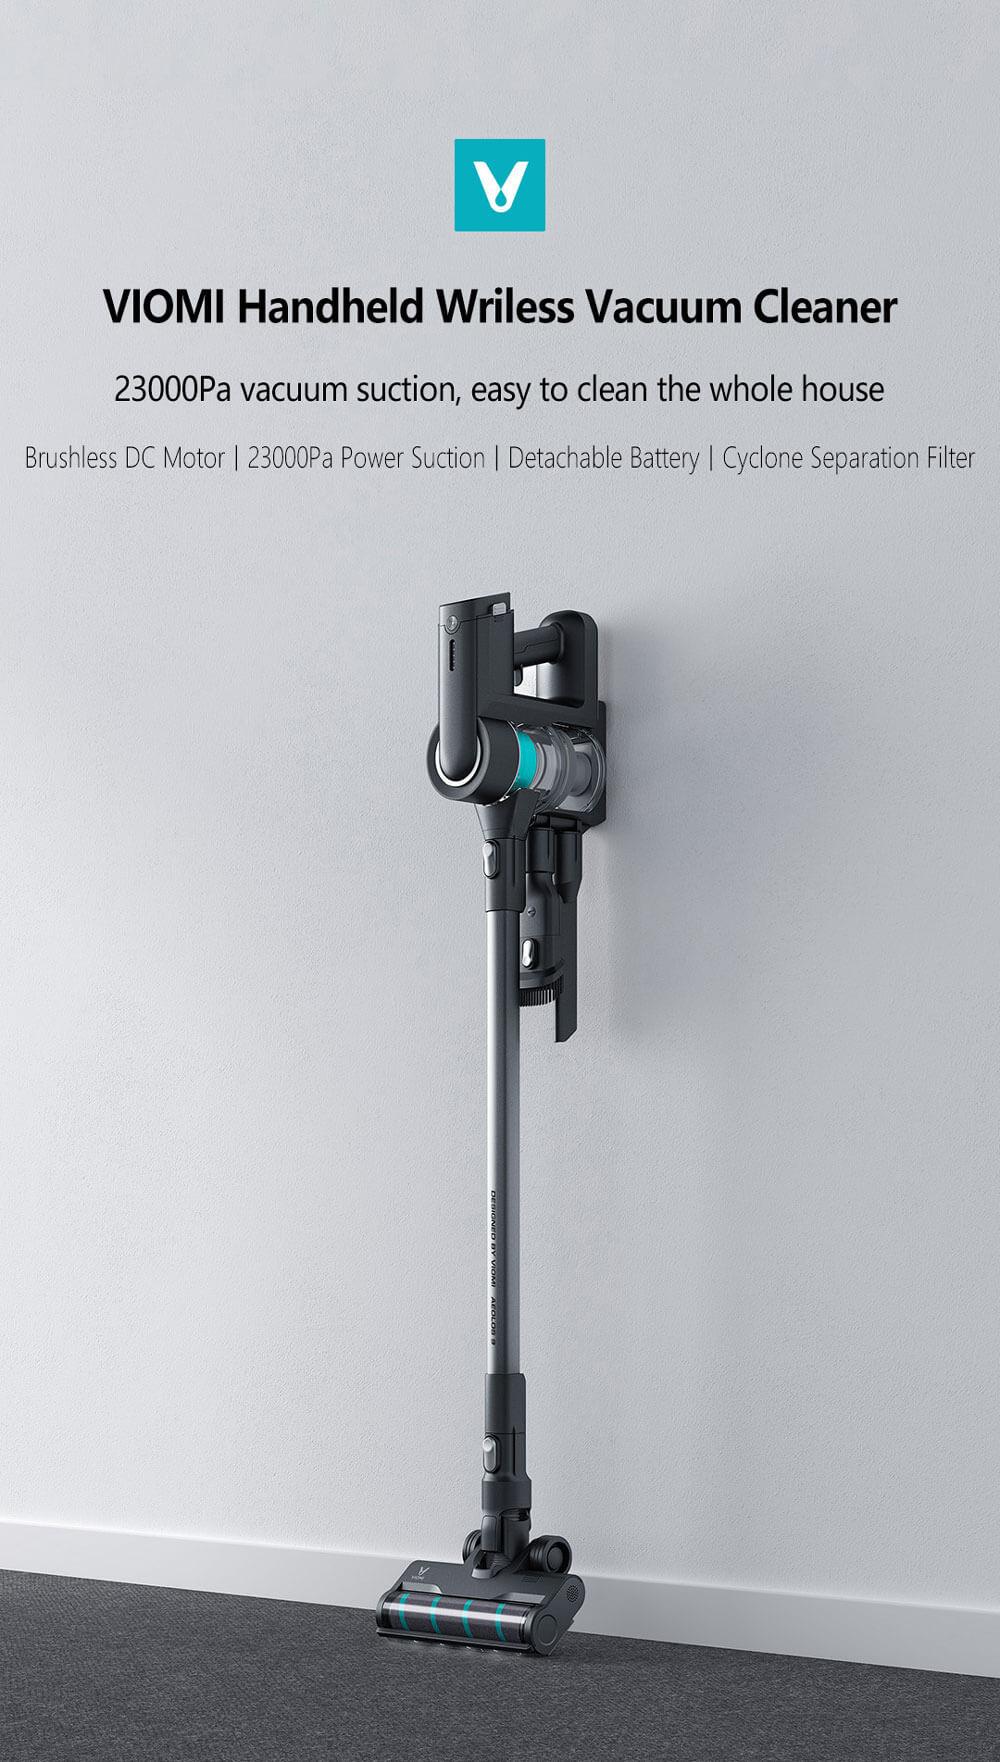 جارو شارژی ویومی شیائومی مدل VIOMI VXXC09